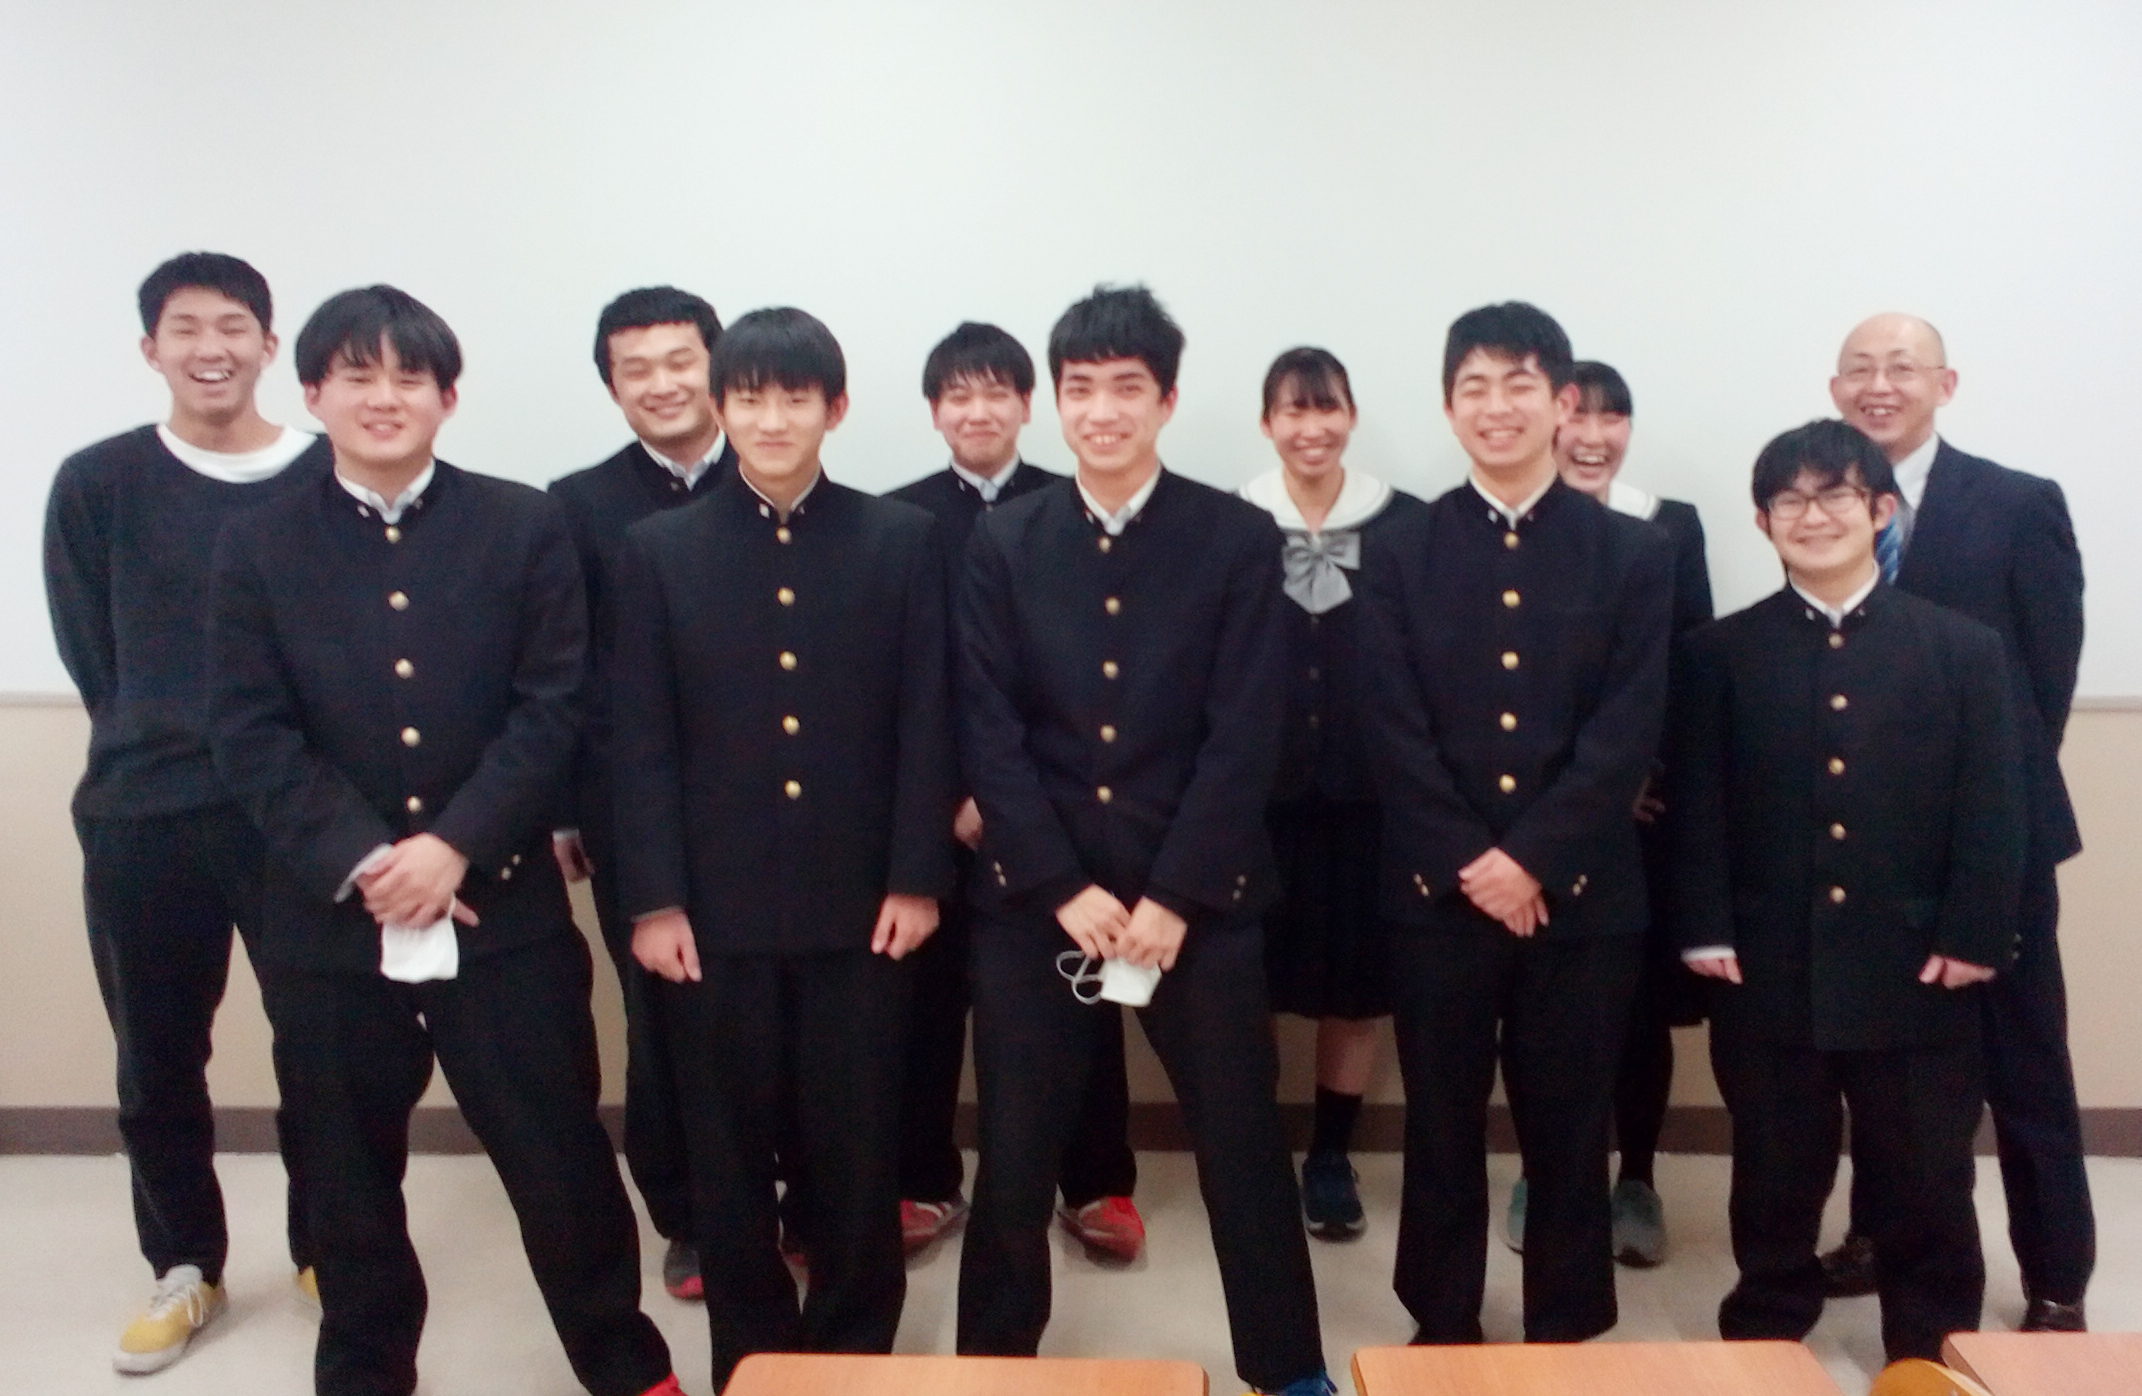 W早稲田ゼミ 桐生ハイスクール